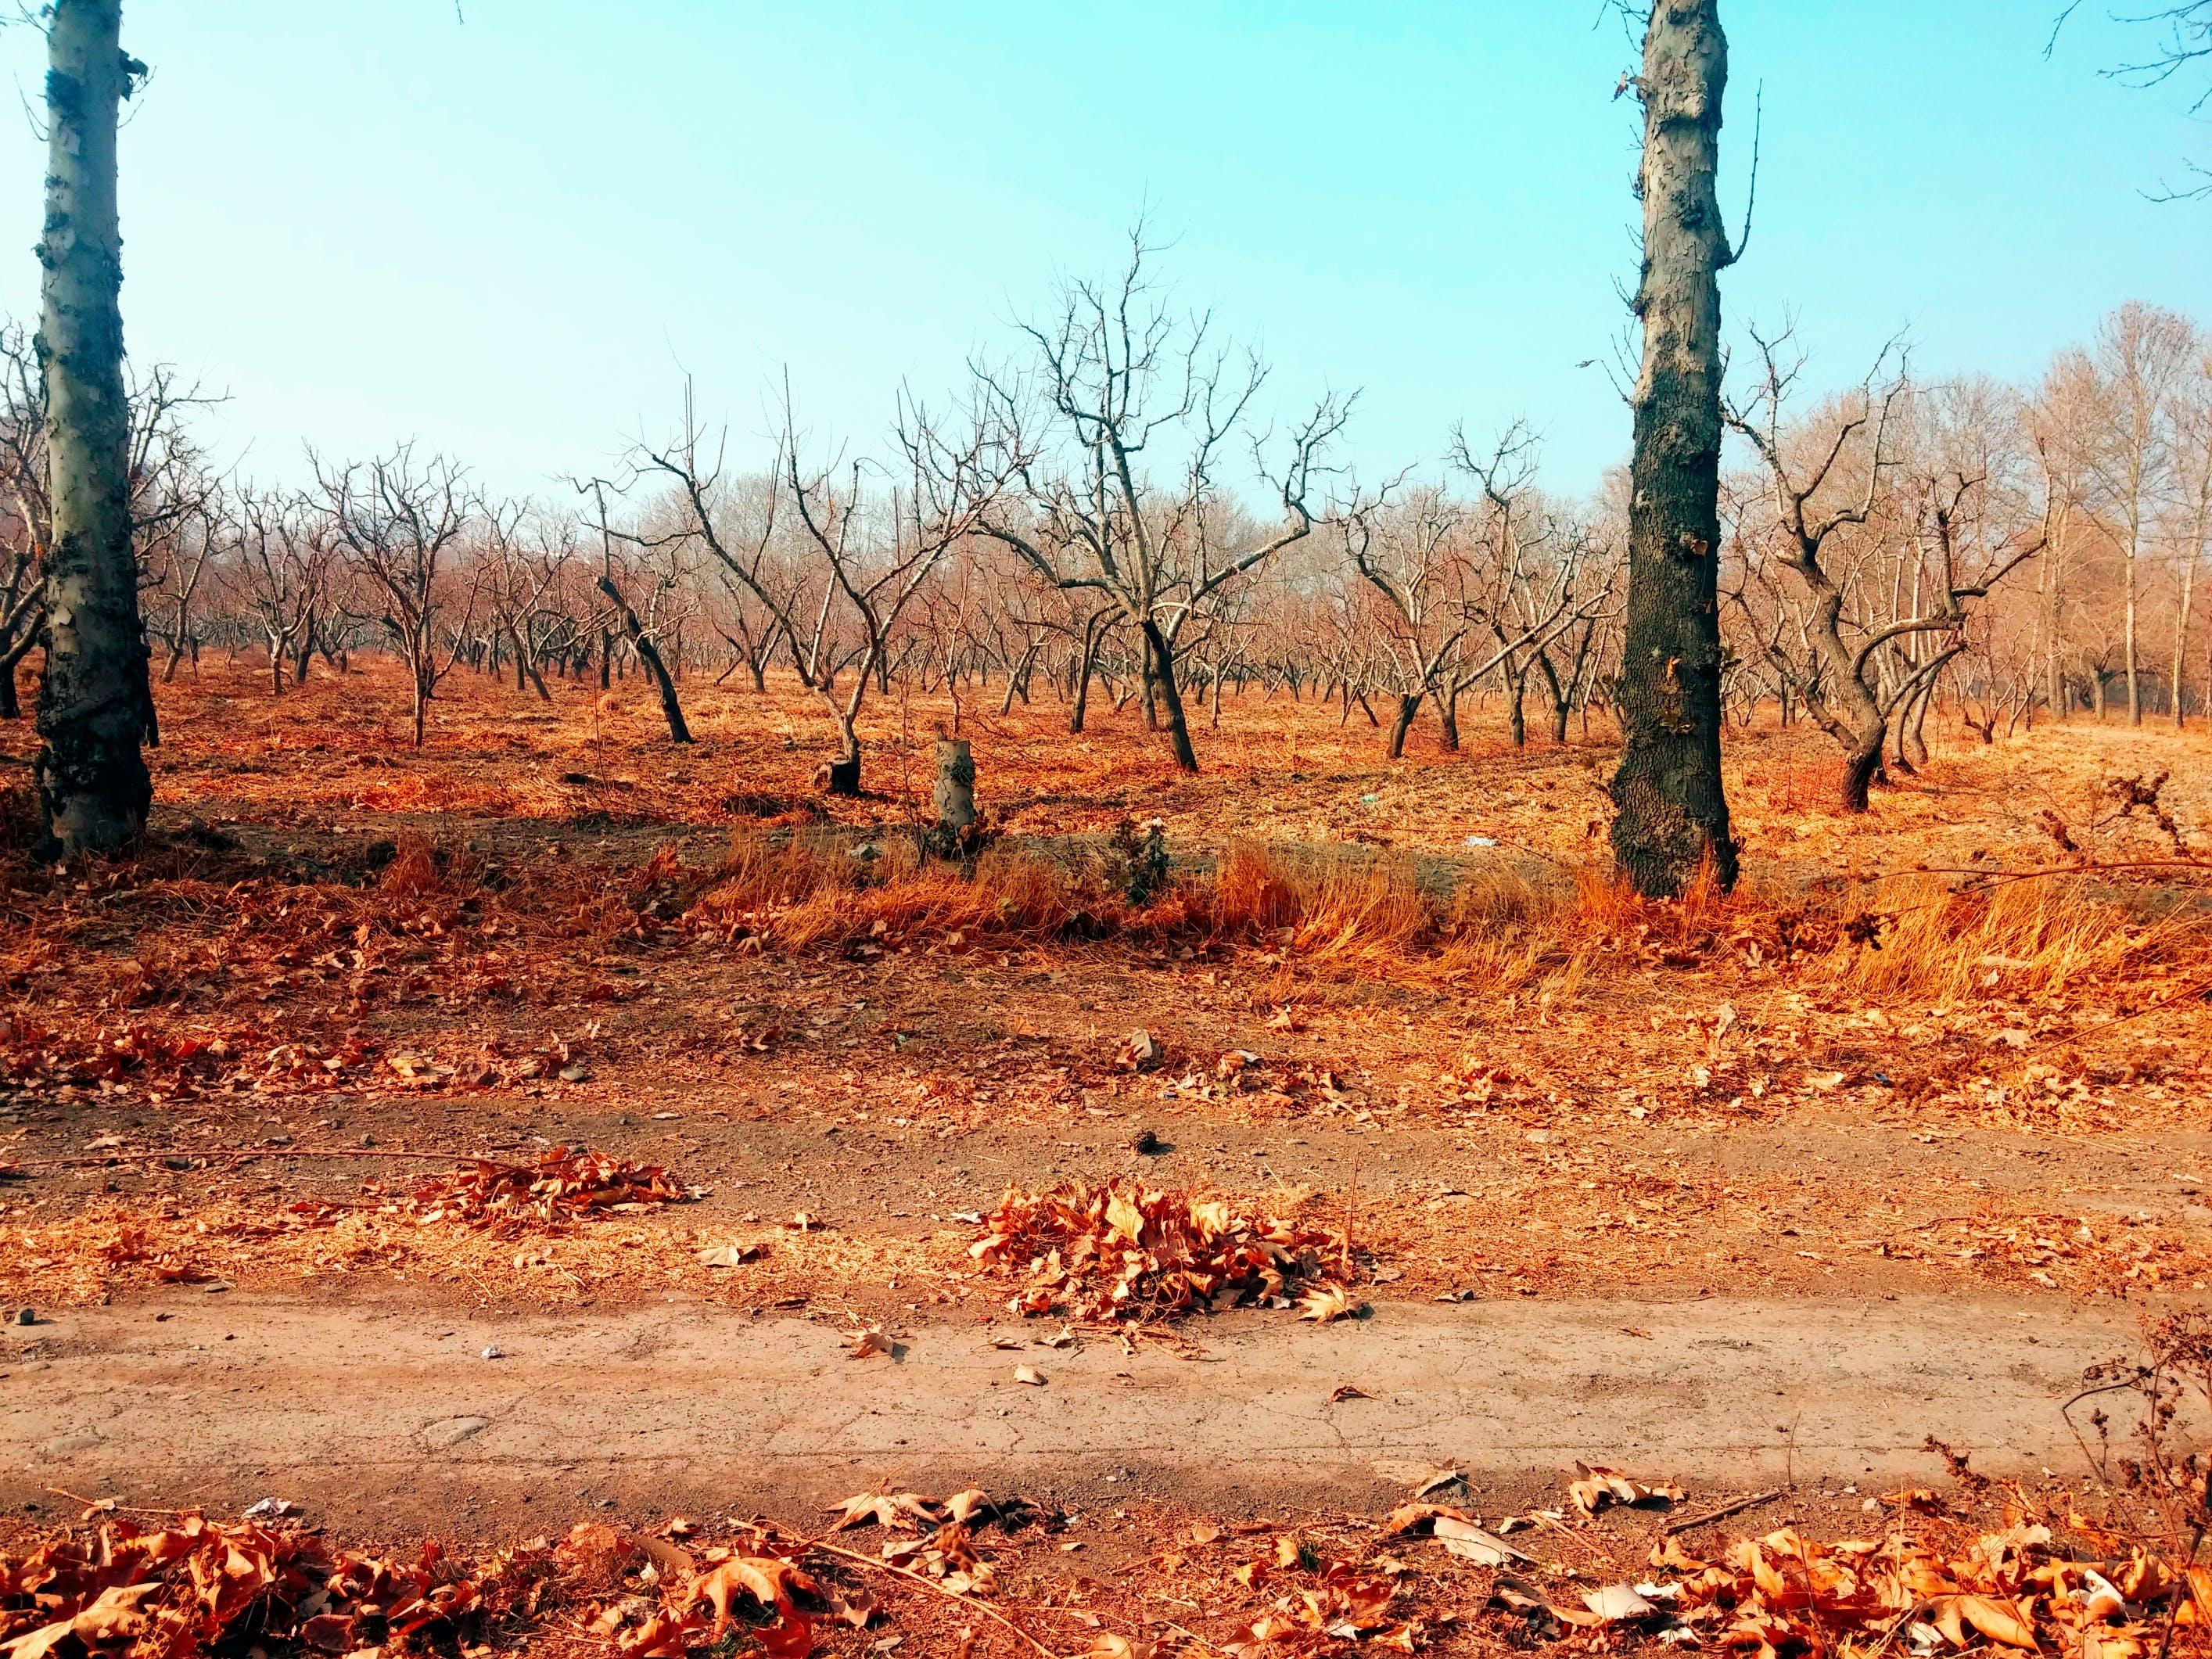 Foto d'estoc gratuïta de arbre, arbres, cel, fulles d'arbres